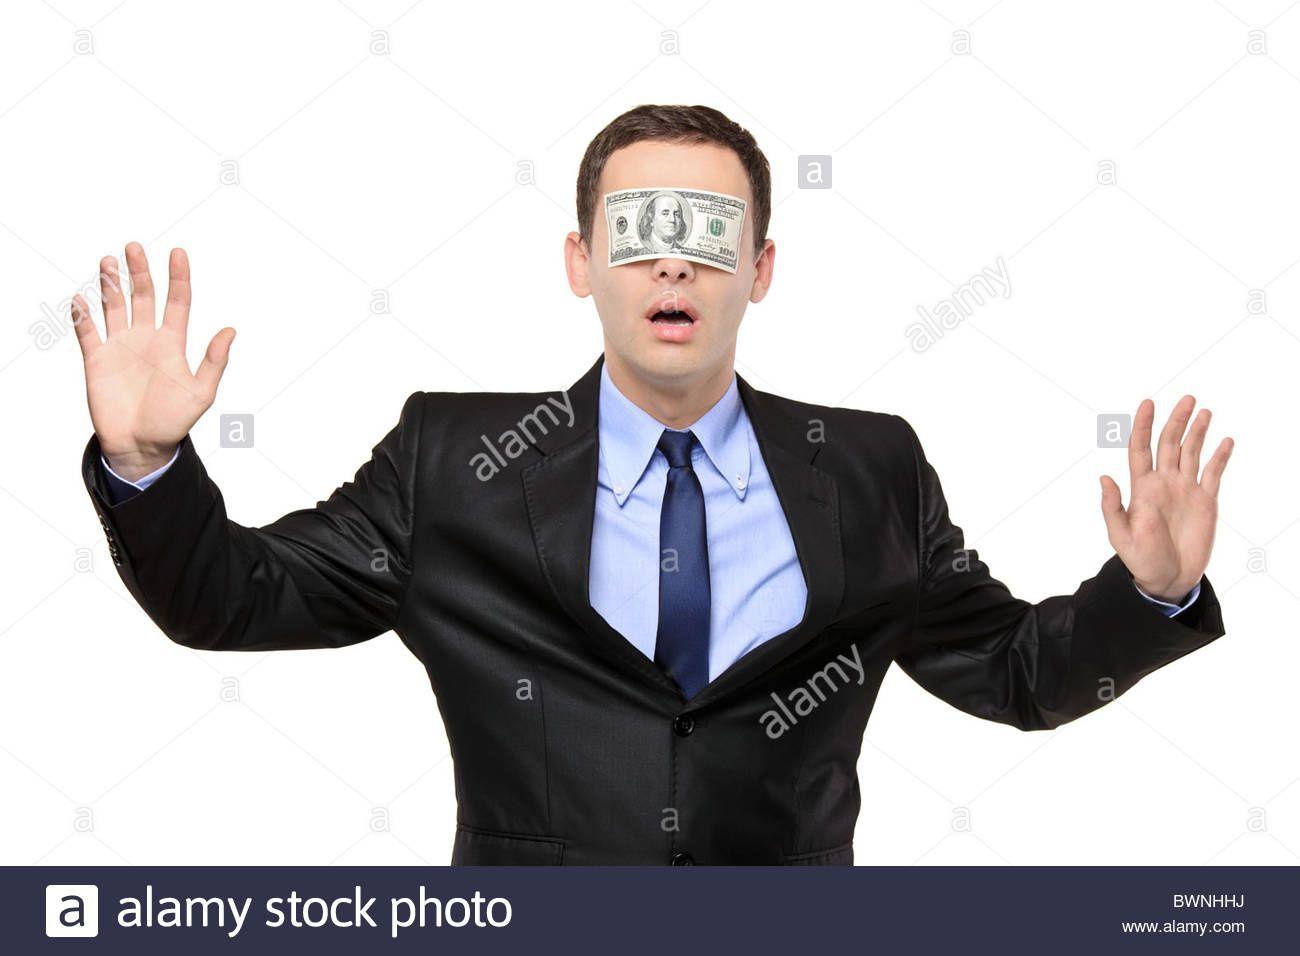 L'argent ne connait pas le mot culture…et cela se voit puisqu'il est toujours obligé de se déguiser par effraction…